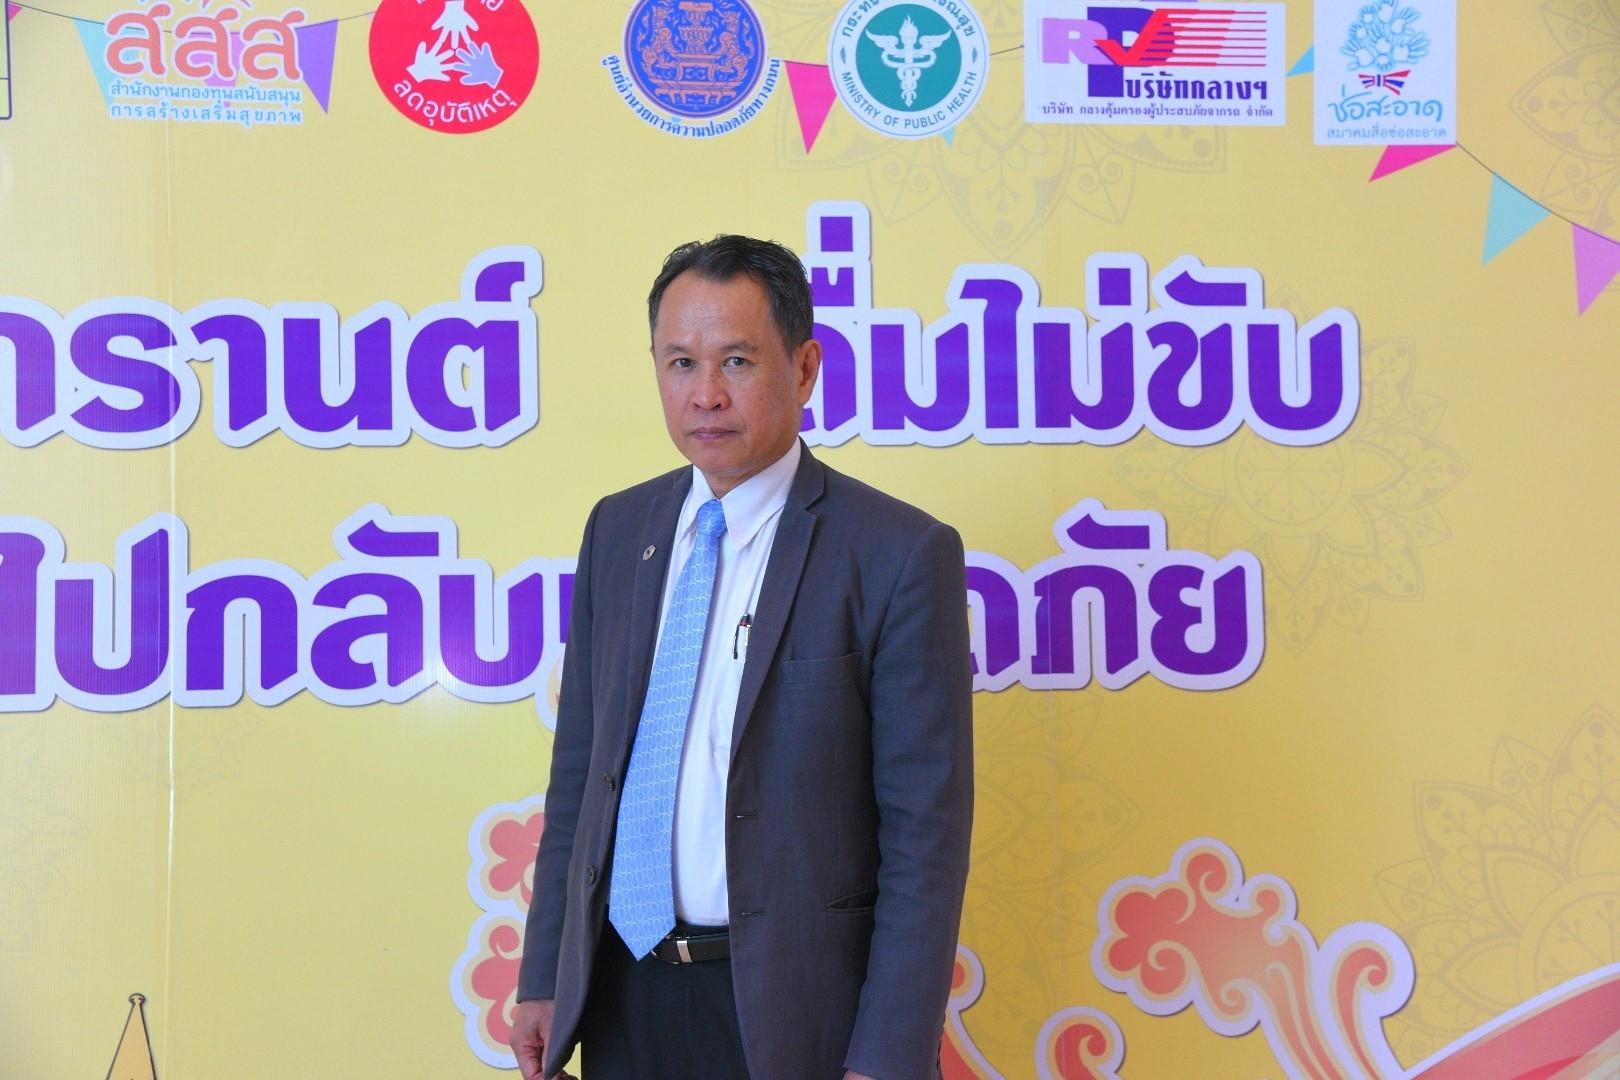 สงกรานต์ดื่มไม่ขับ ไปกลับปลอดภัย ปี 2562 thaihealth